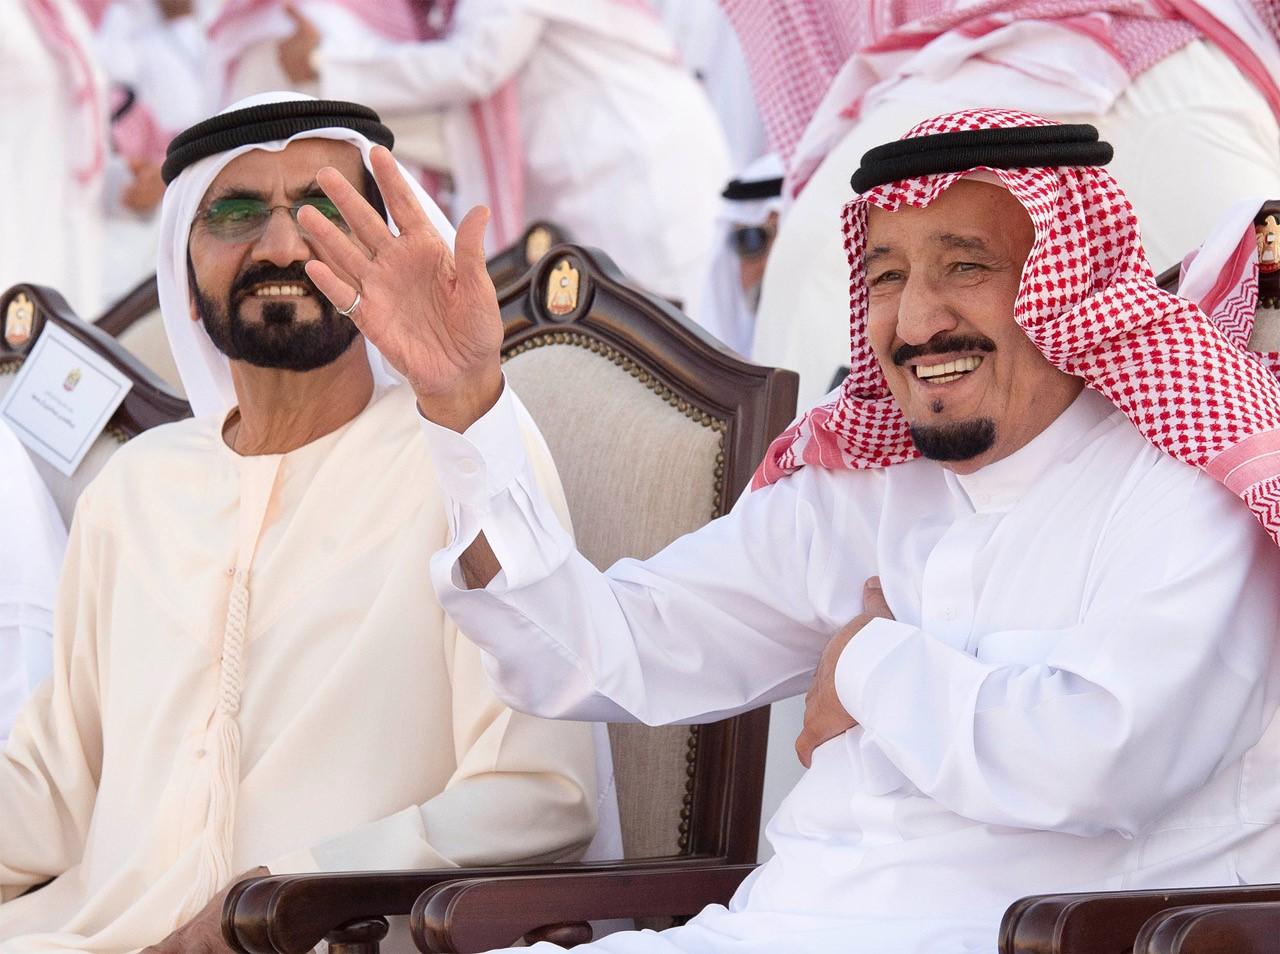 بالصور صور الملك سلمان , دام الله معزتك فى قلوبنا يا غالى 36